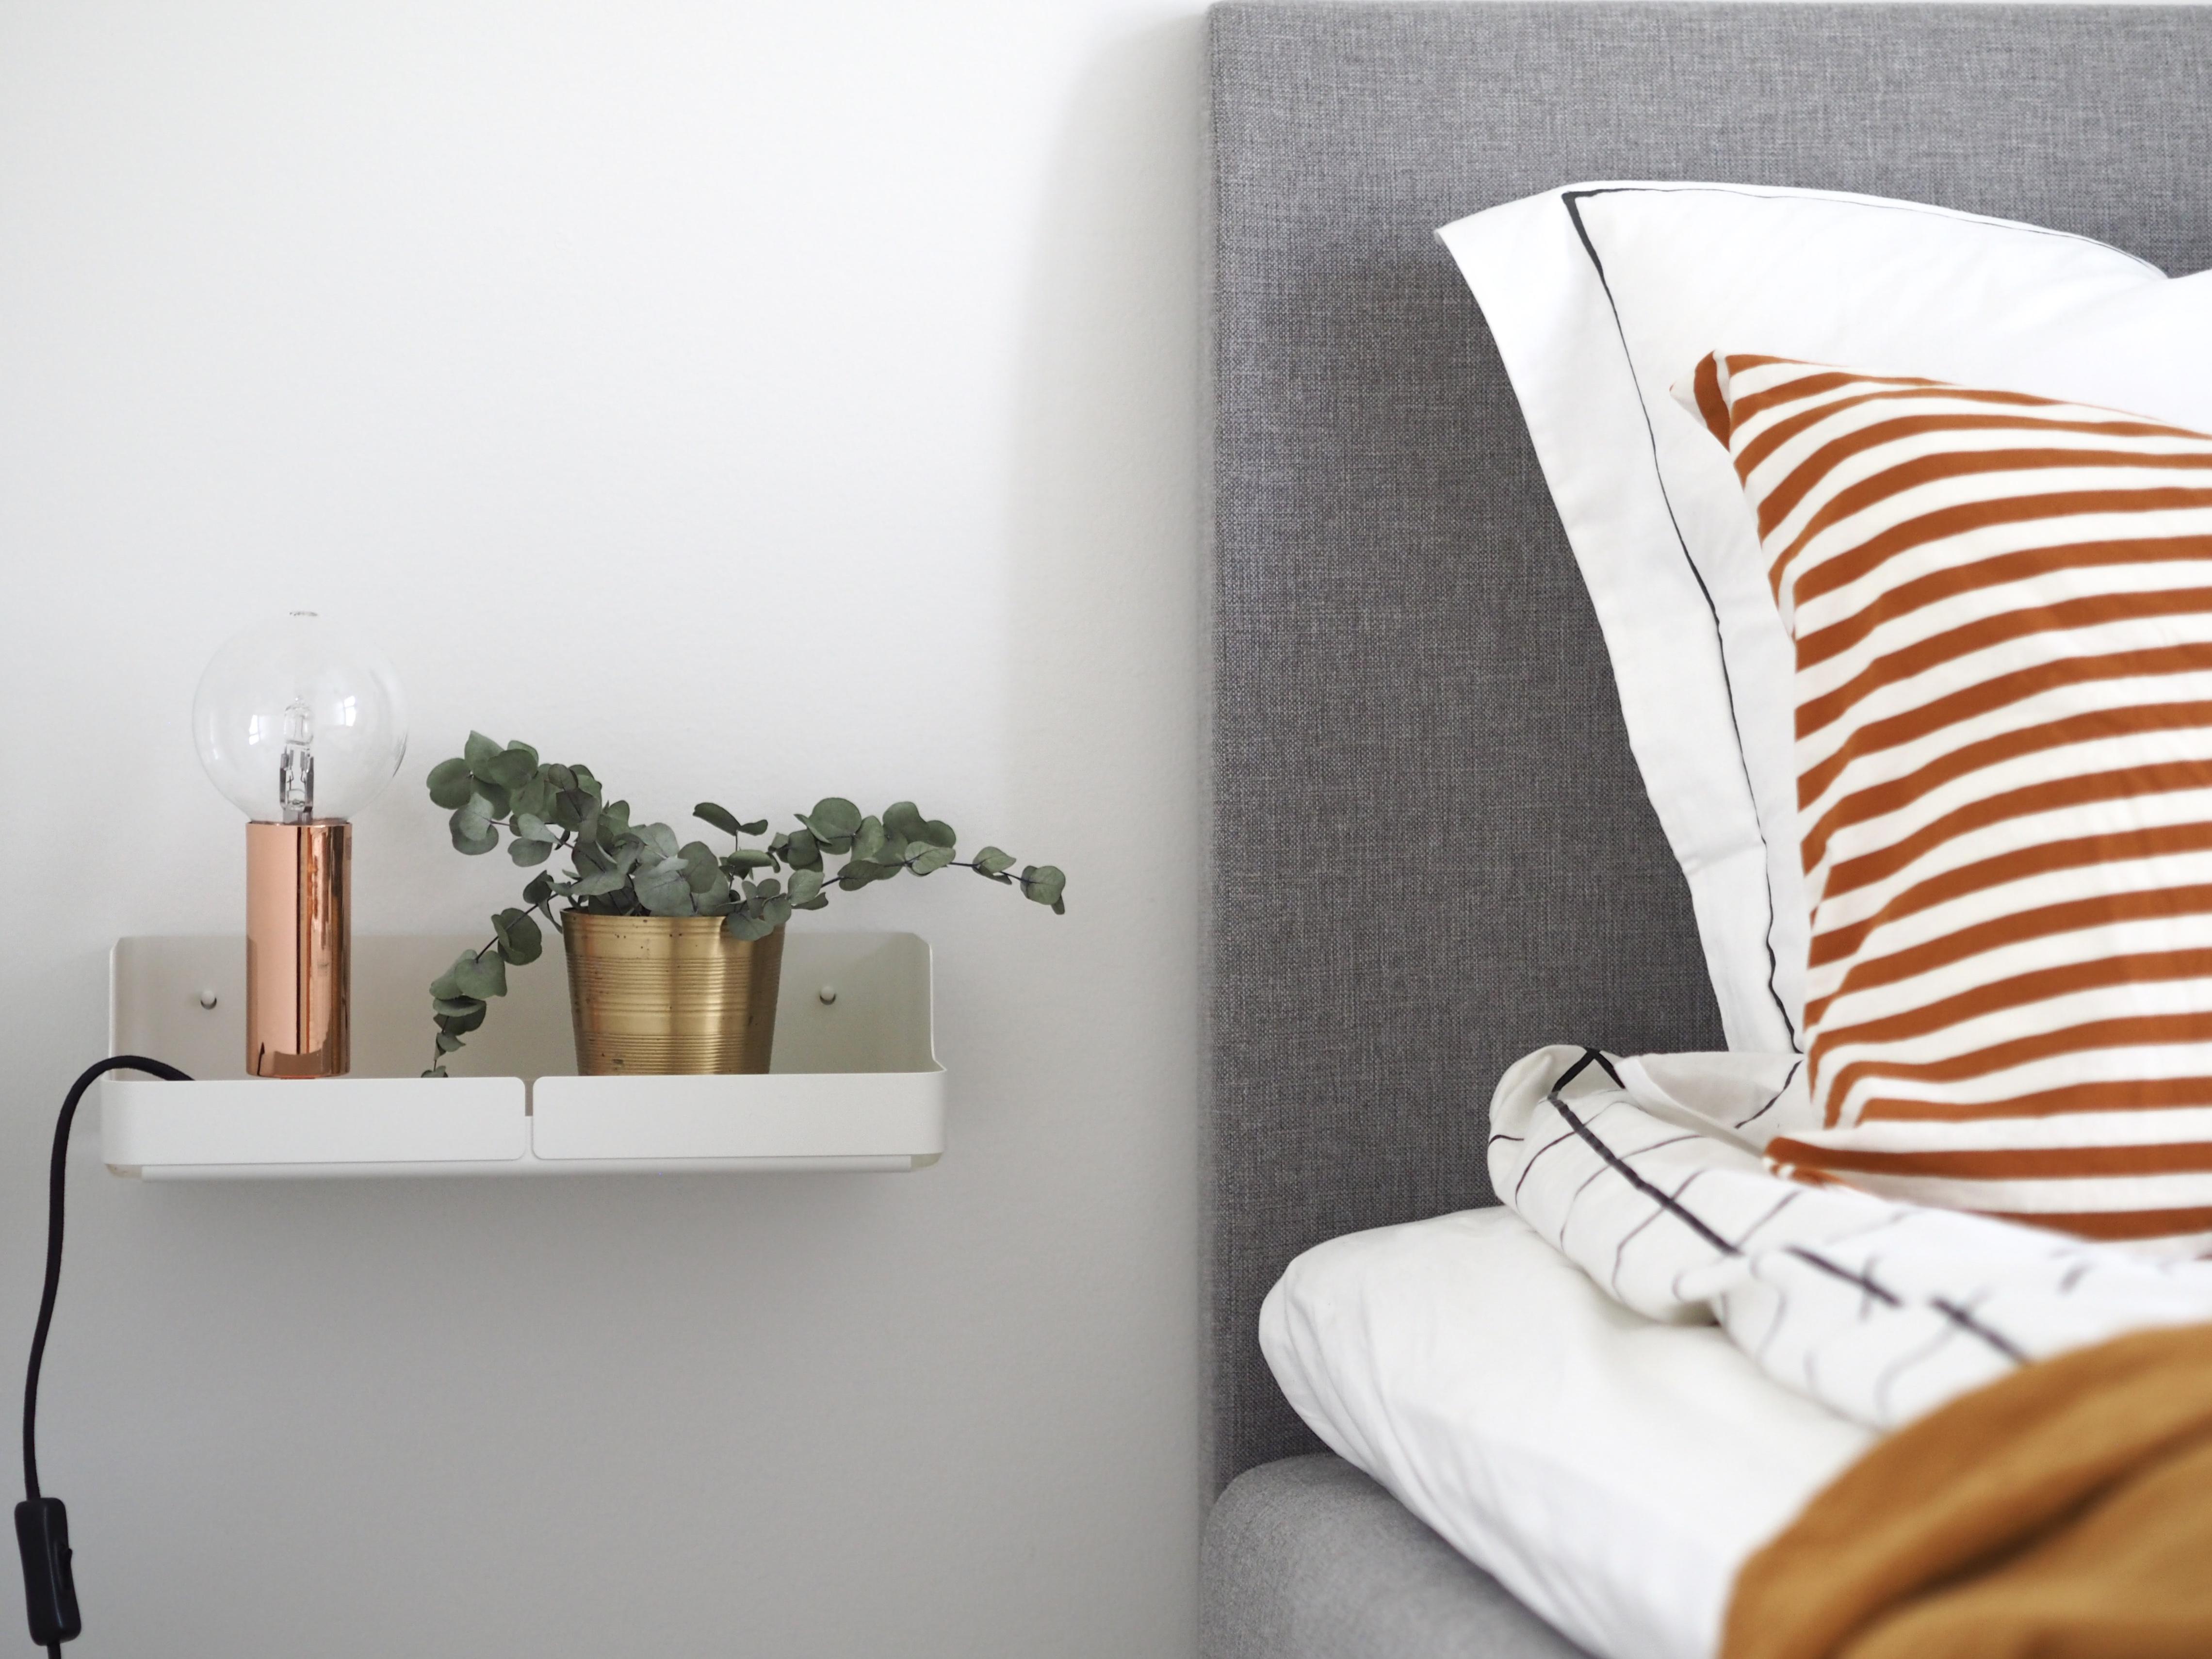 seinään kiinnitettävä yöpöytä